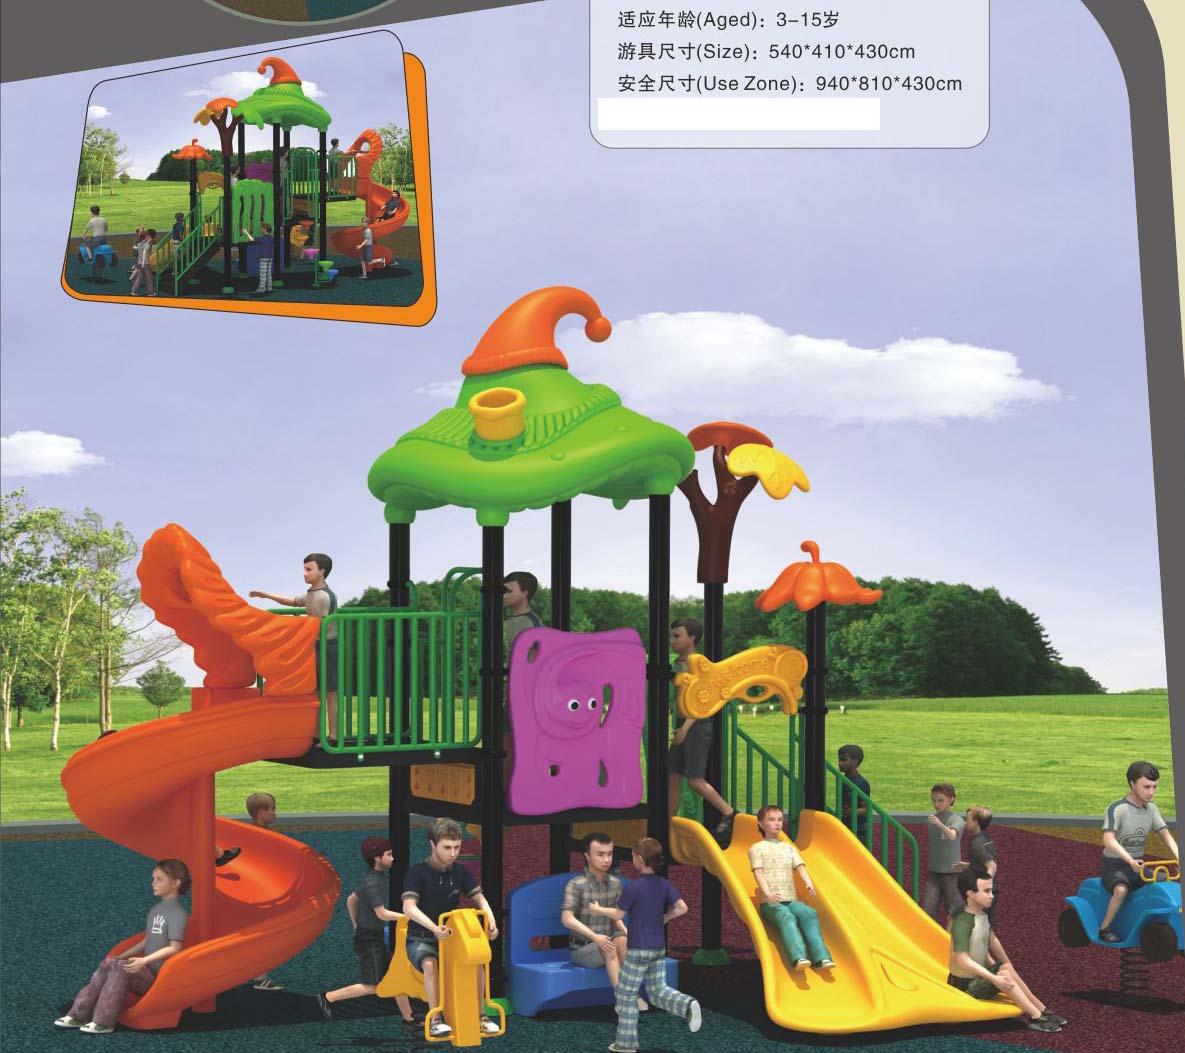 珠海户外儿童滑梯_佛山儿童滑梯、惠州小区组合滑梯、深圳滑滑梯厂家_游乐_云商网